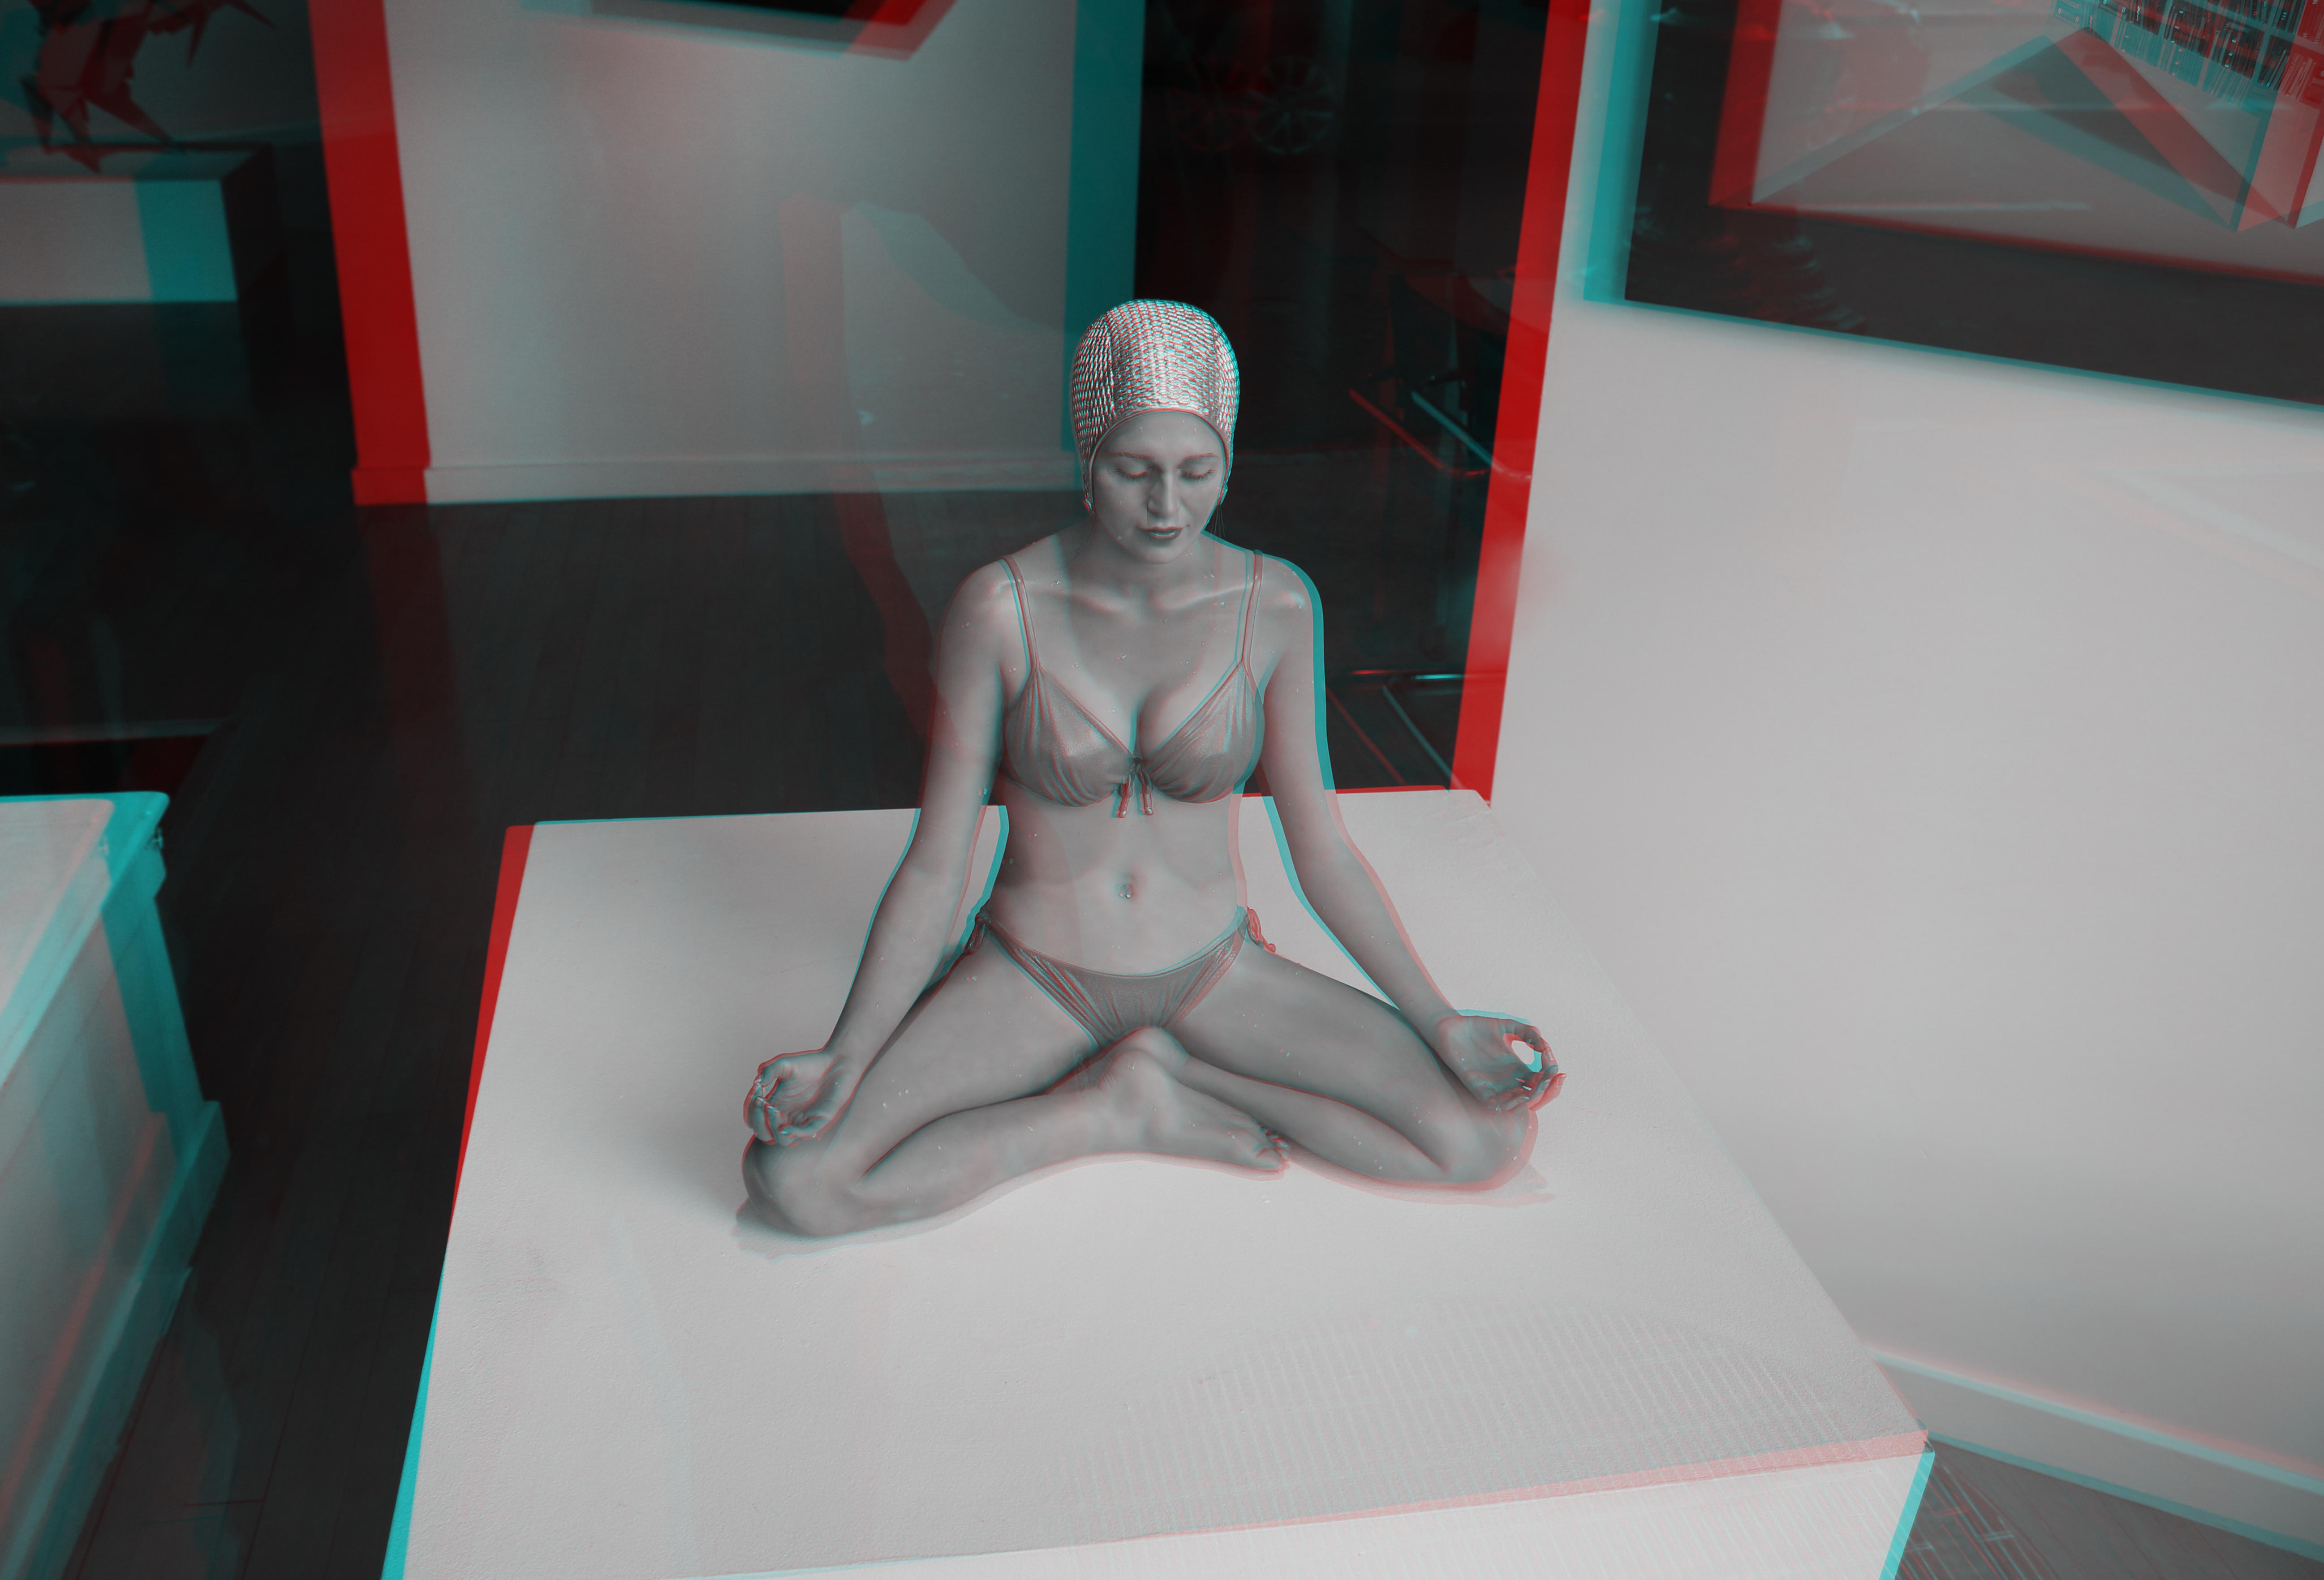 Tangen art gallery, san francisco (3d) photo